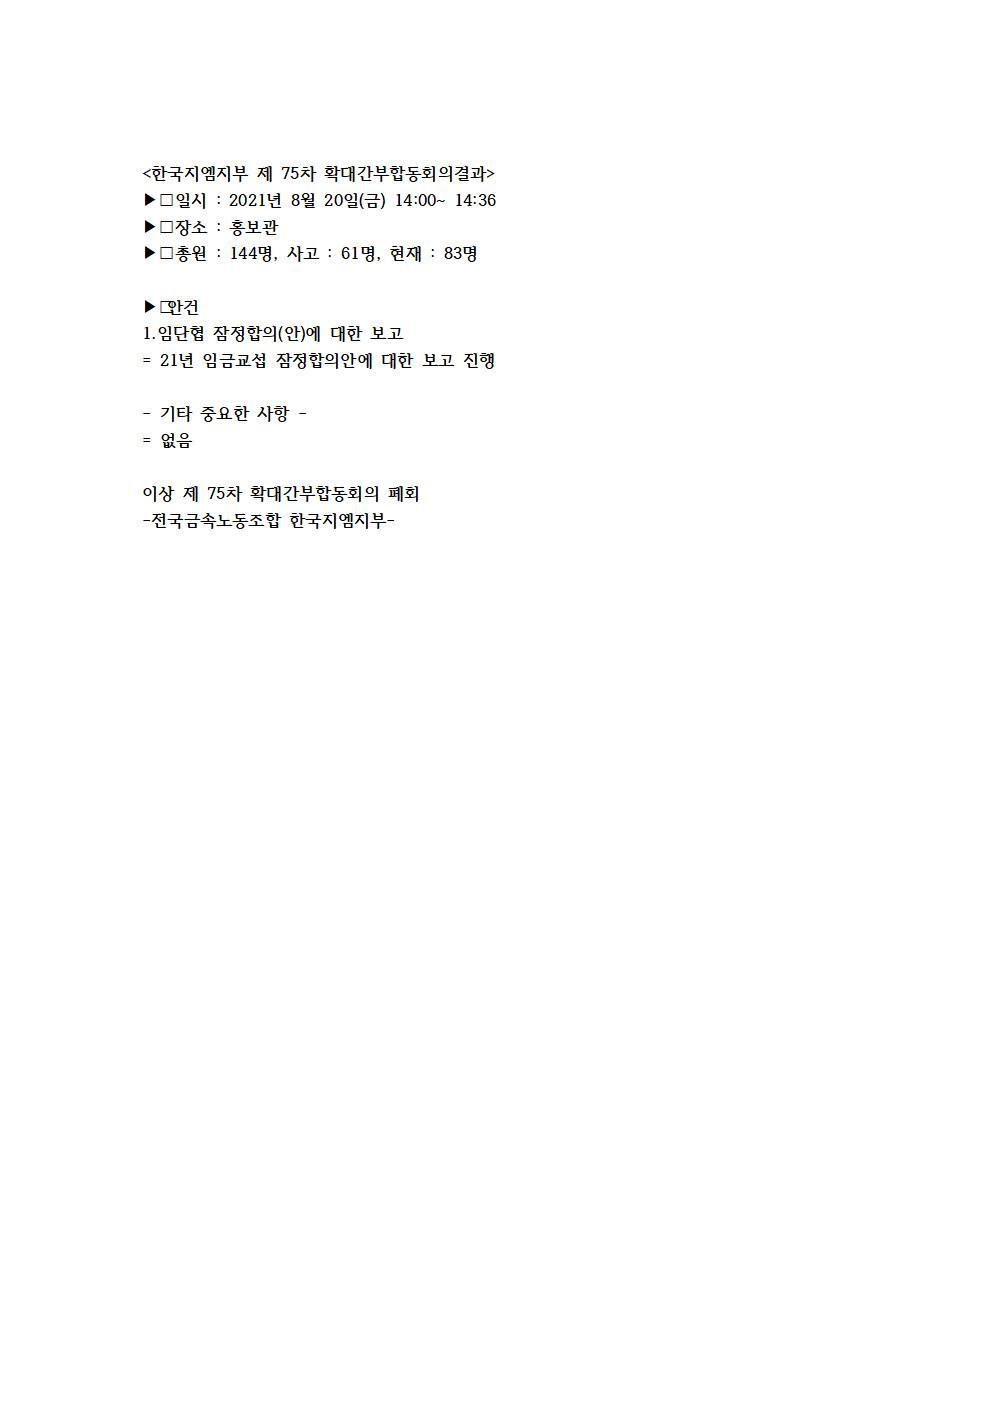 한국지엠지부 제 75차 확대간부합동회의결과001.jpg